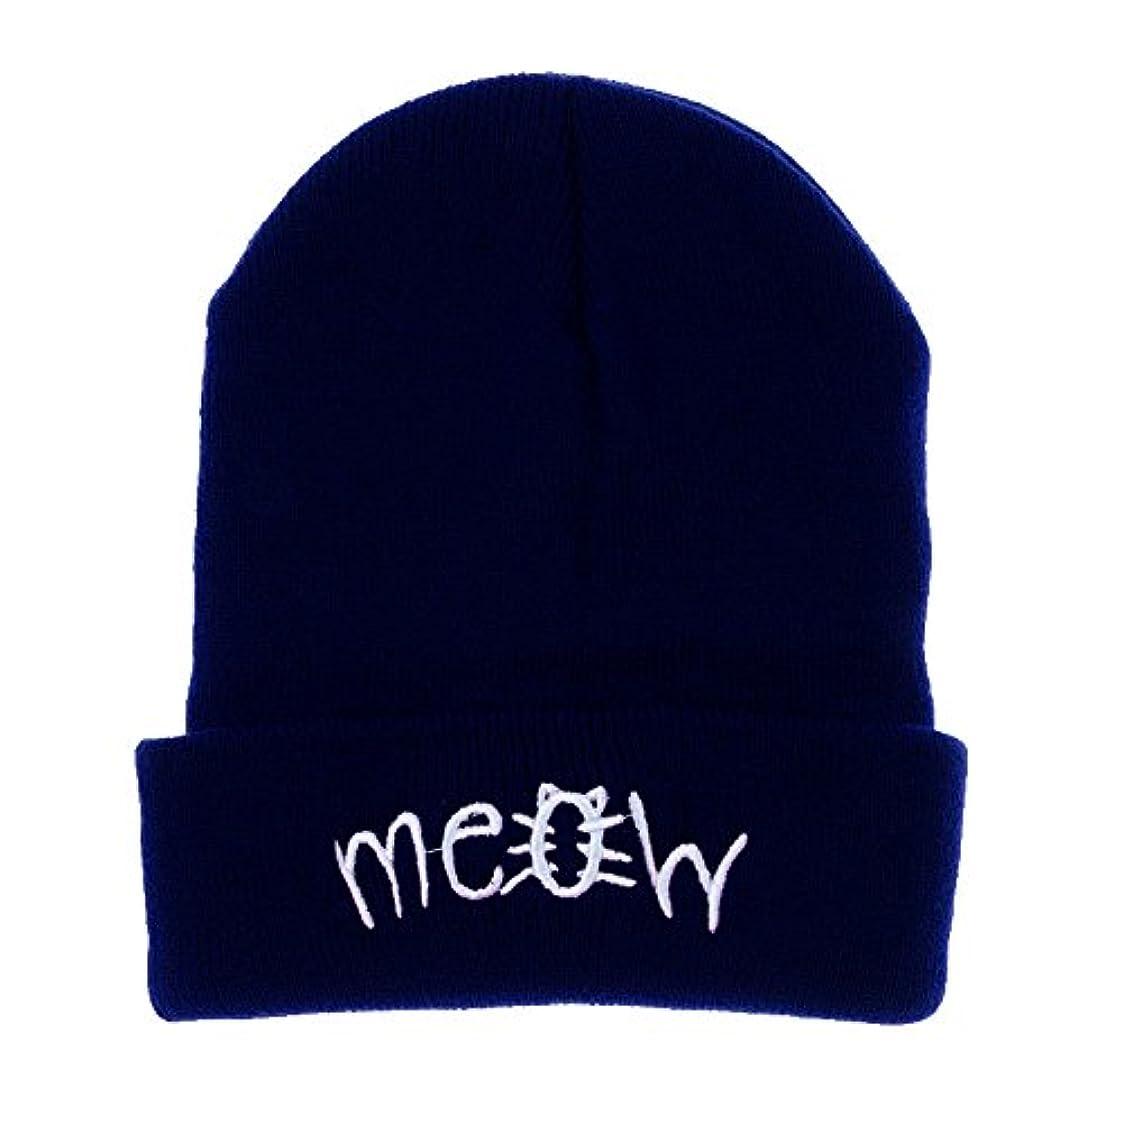 叫ぶ預言者スティックRacazing 選べる4色 ニット帽 縮らす 英語の刺繍 ニット帽 防寒対策 通気性のある 防風 暖かい 軽量 屋外 スキー 自転車 クリスマス 編み物 Hat 男女兼用 (ネービー)